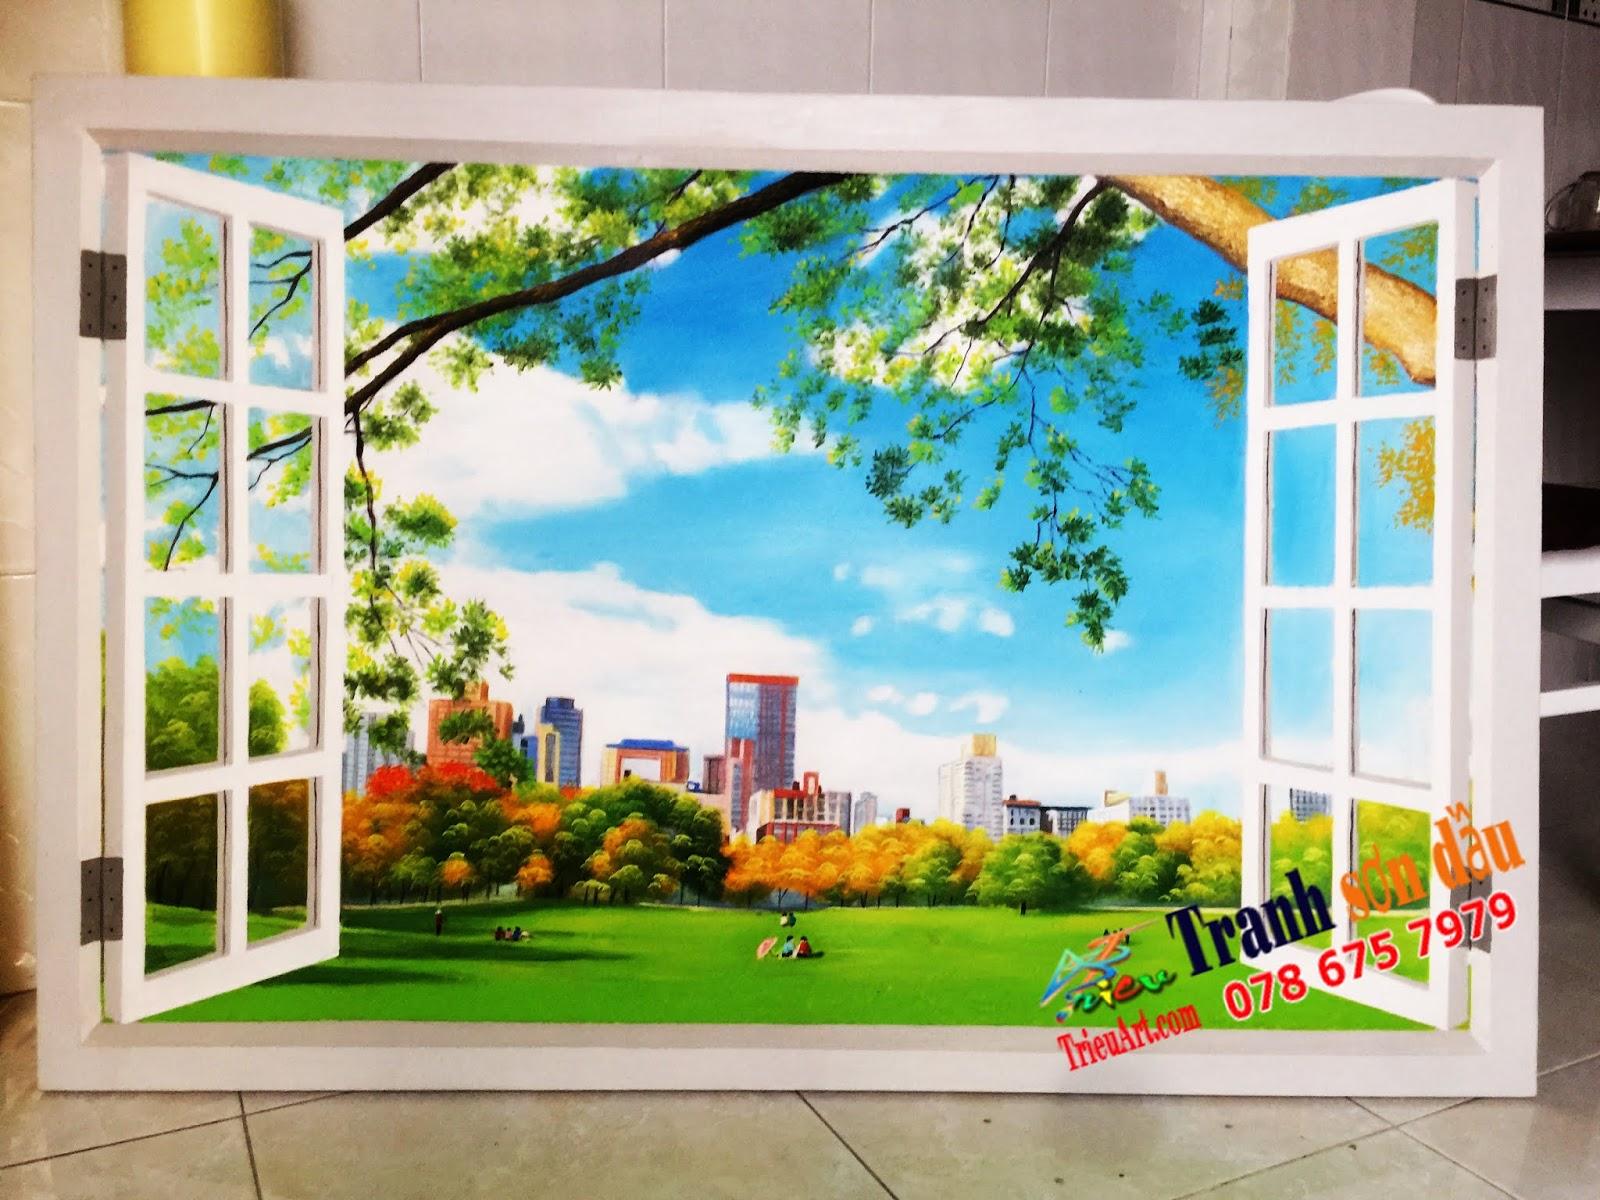 tranh-cua-so-3d-01 tranh cửa sổ 3d - đang bán